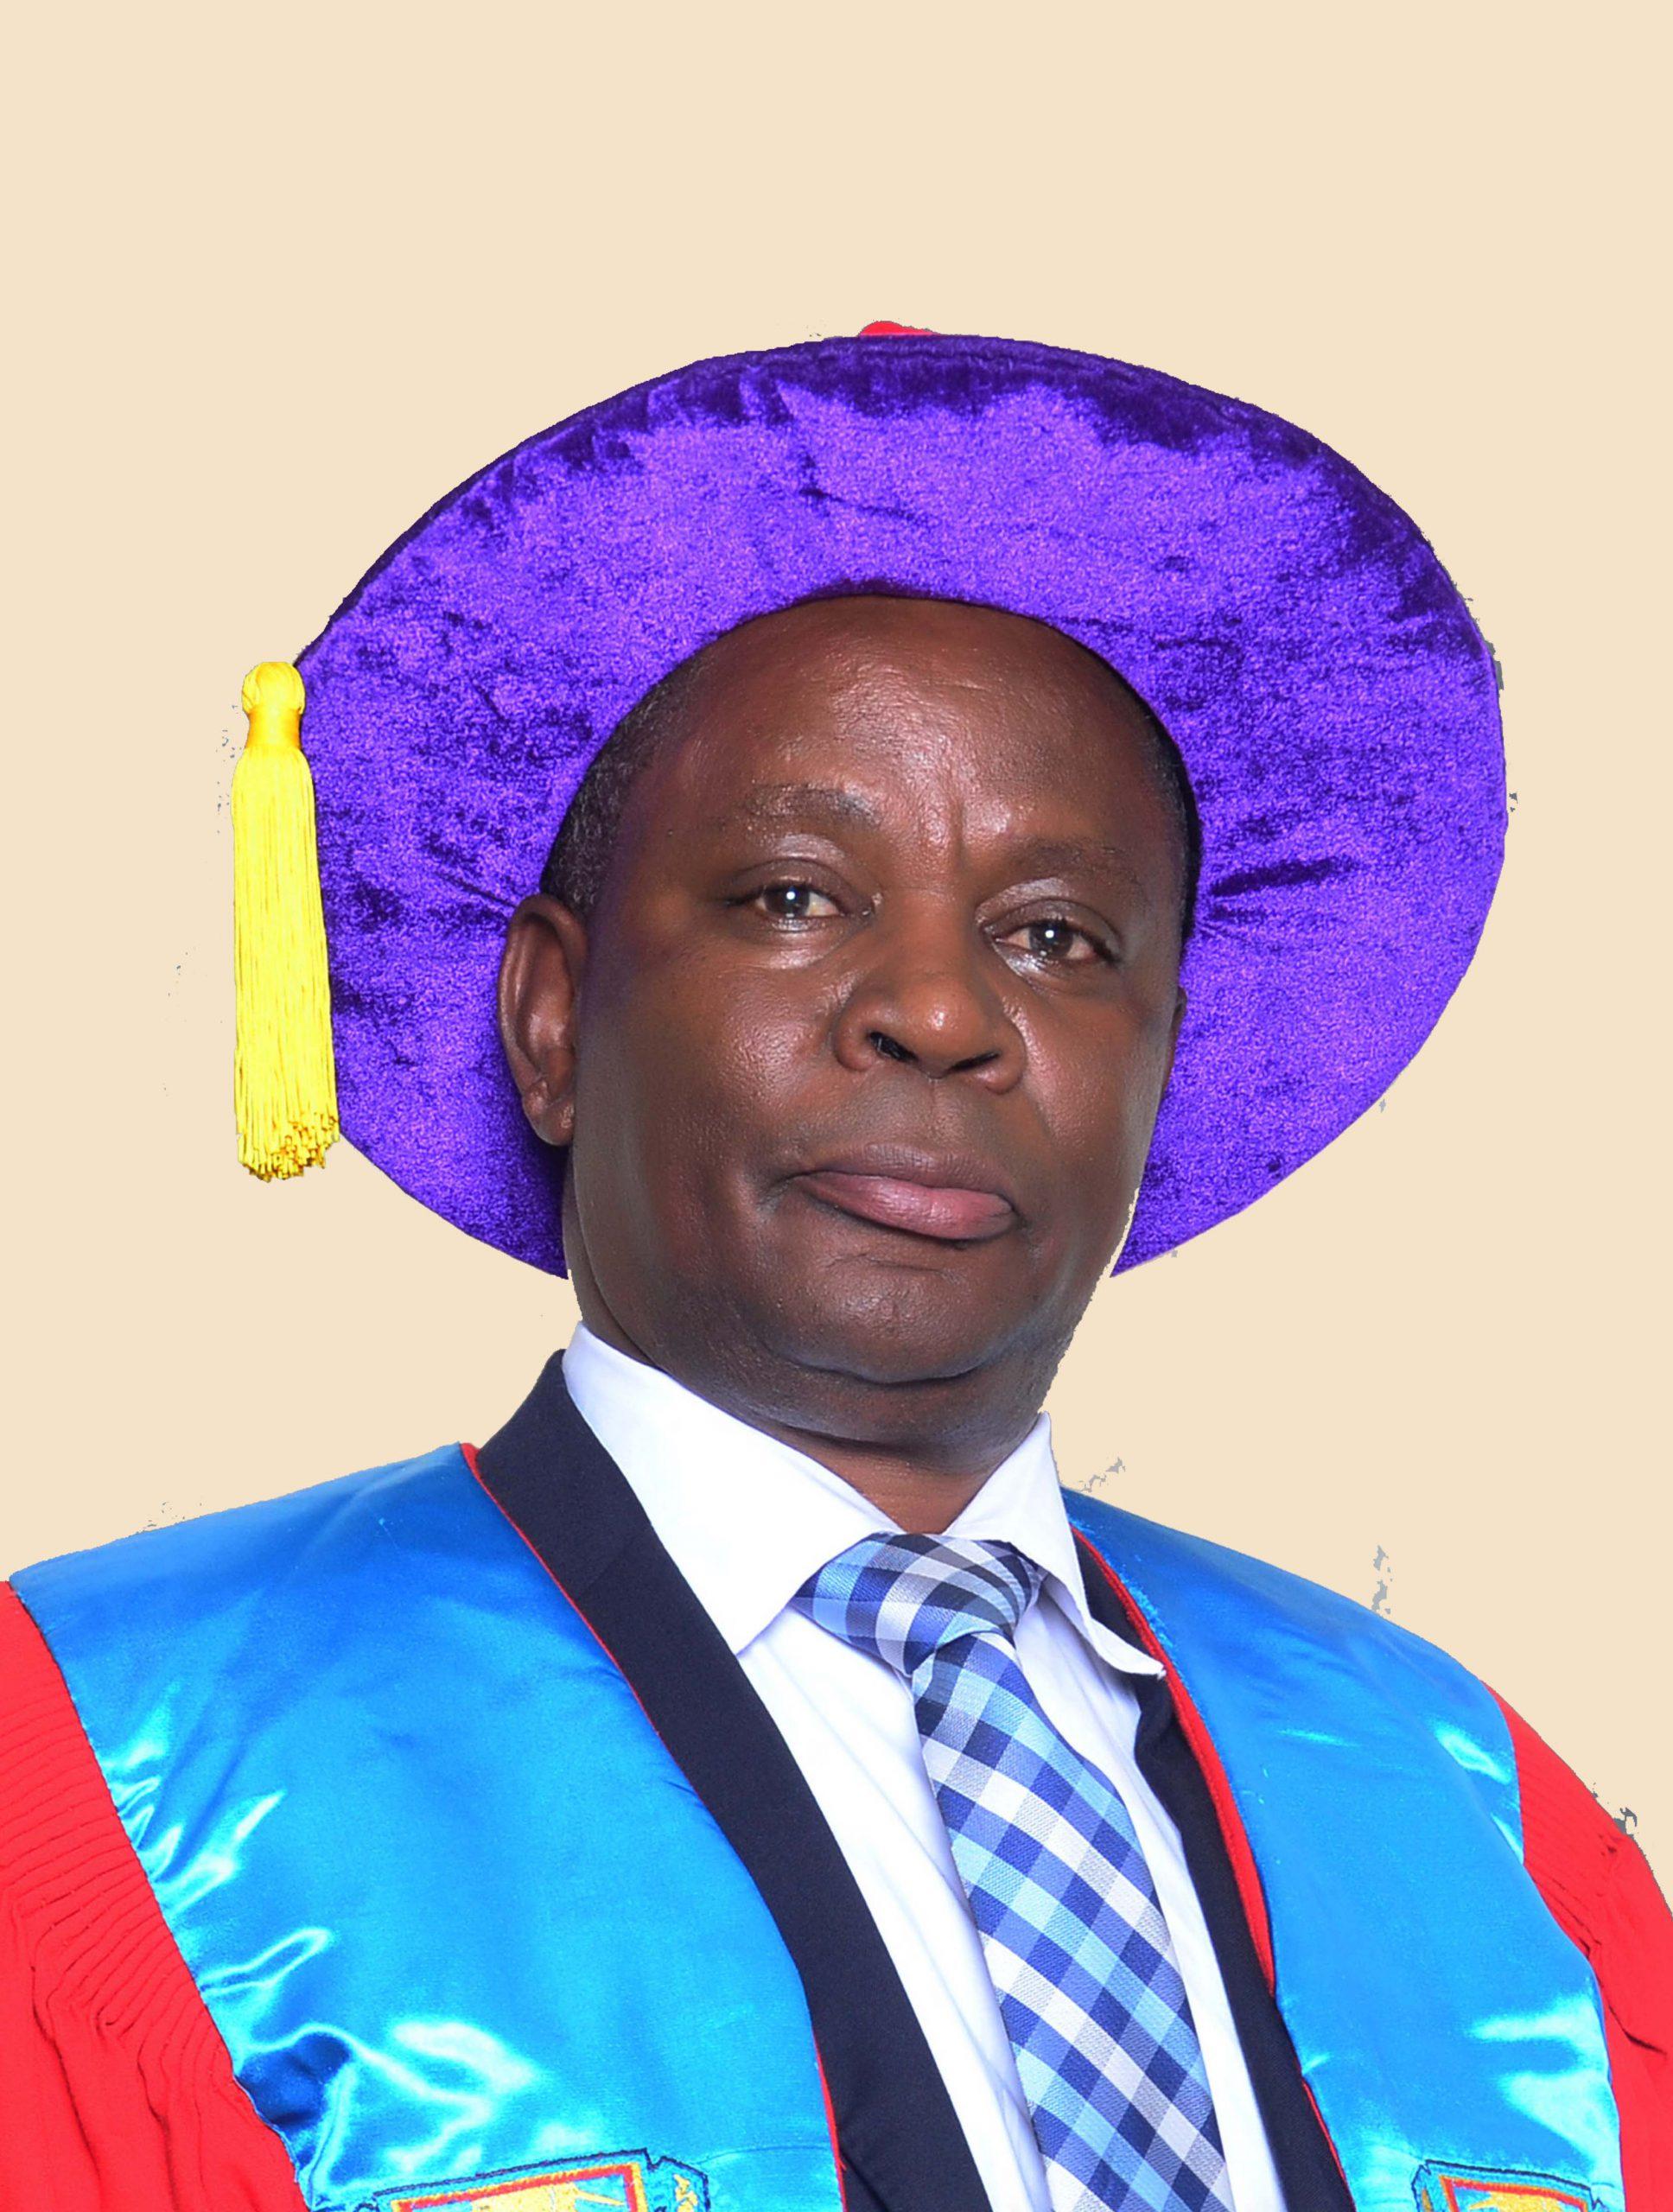 Assoc. Prof. Charles Tushabomwe Kazooba